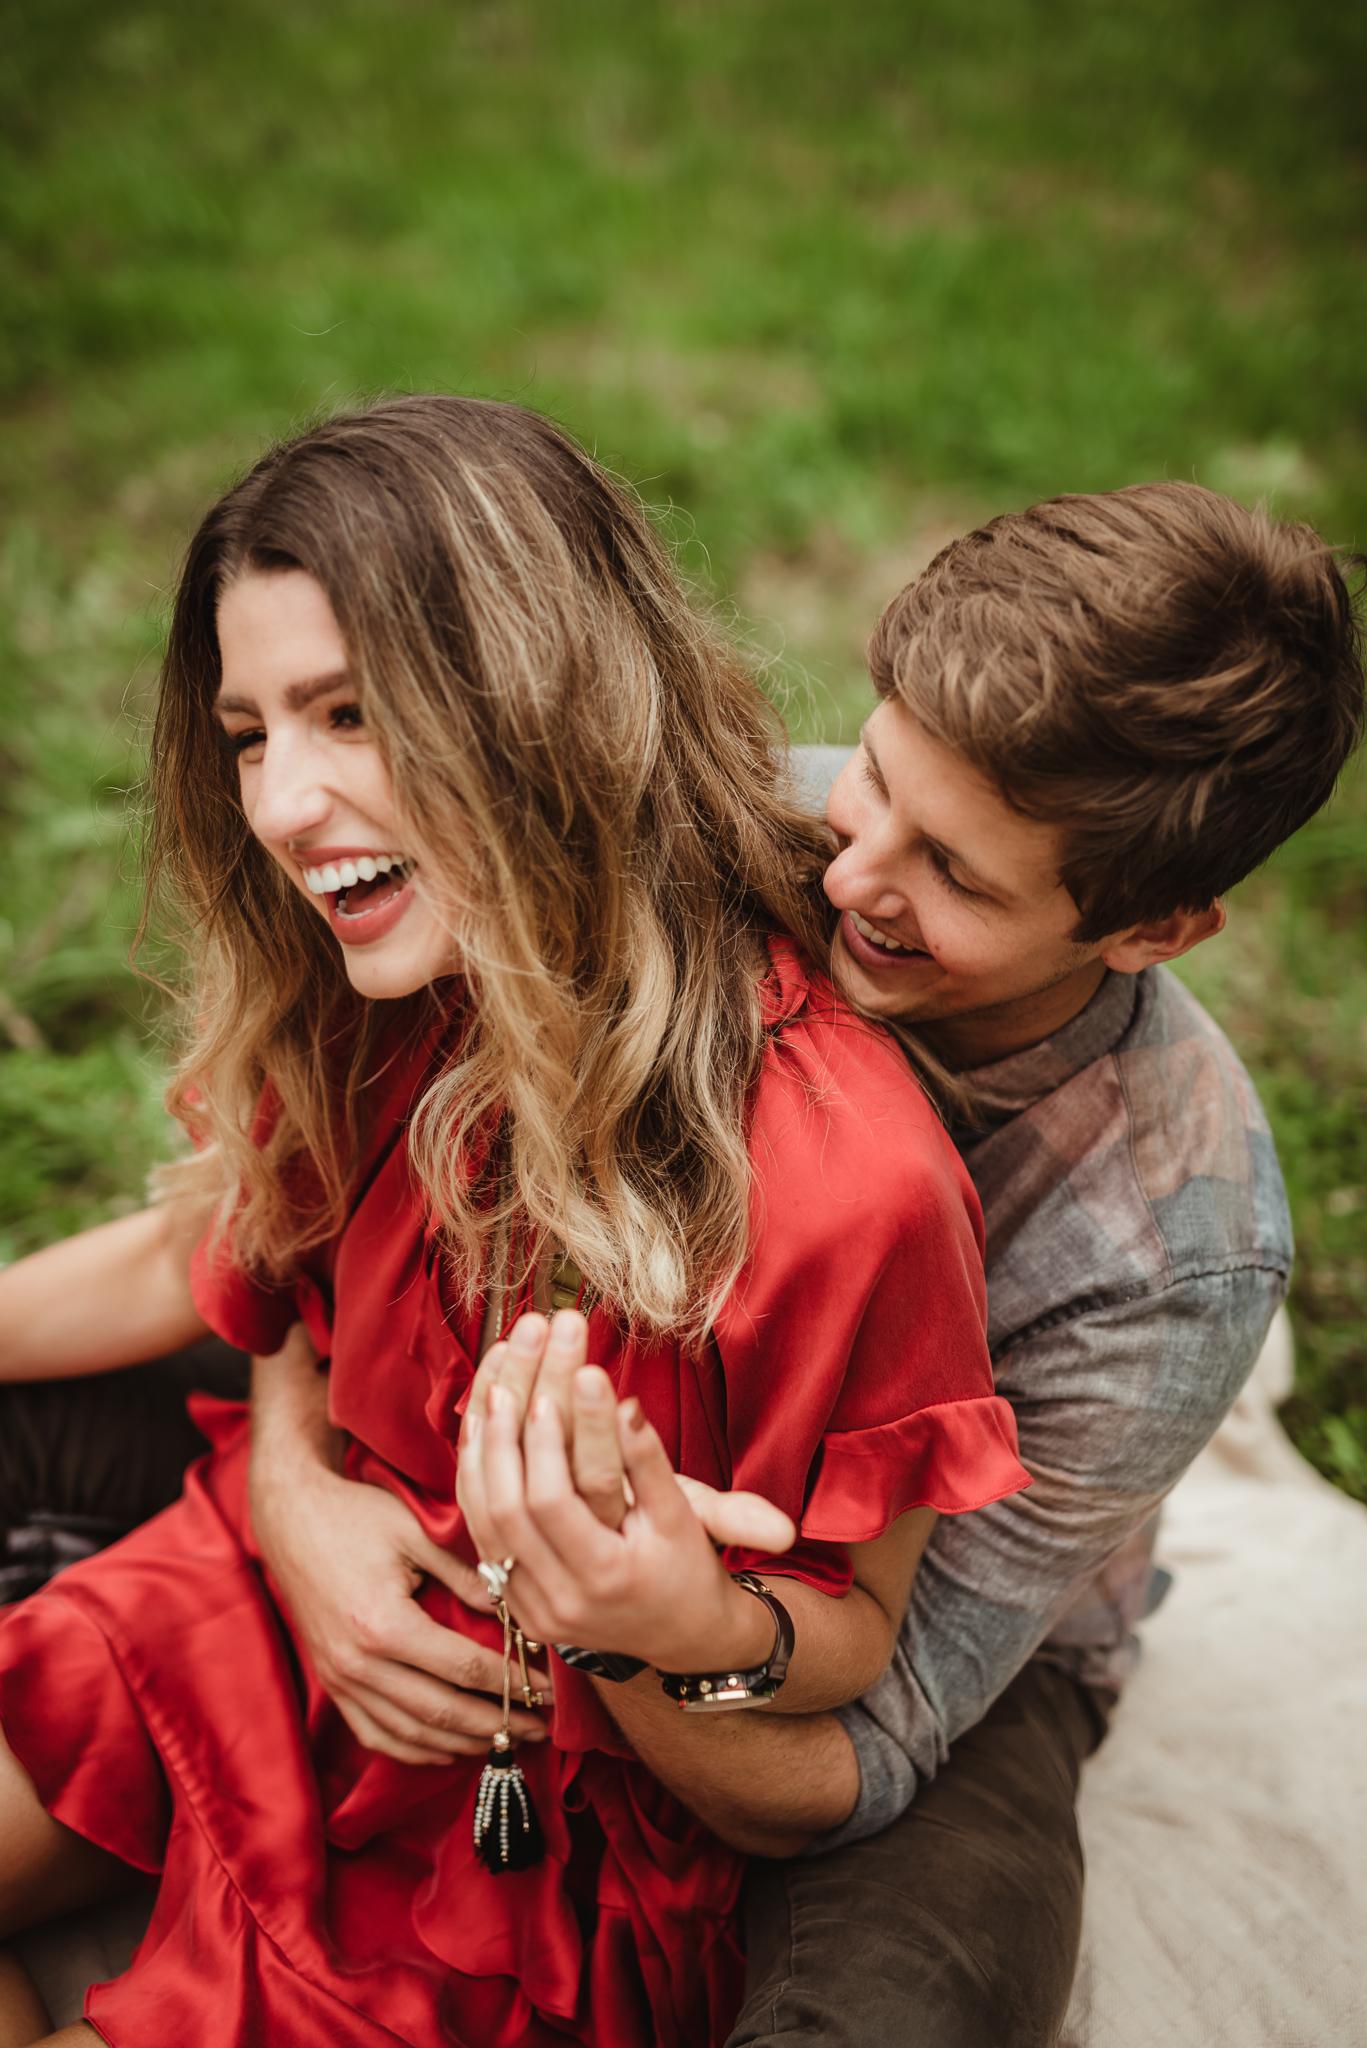 Jane Portnoff: Adelaide Engagement Photography